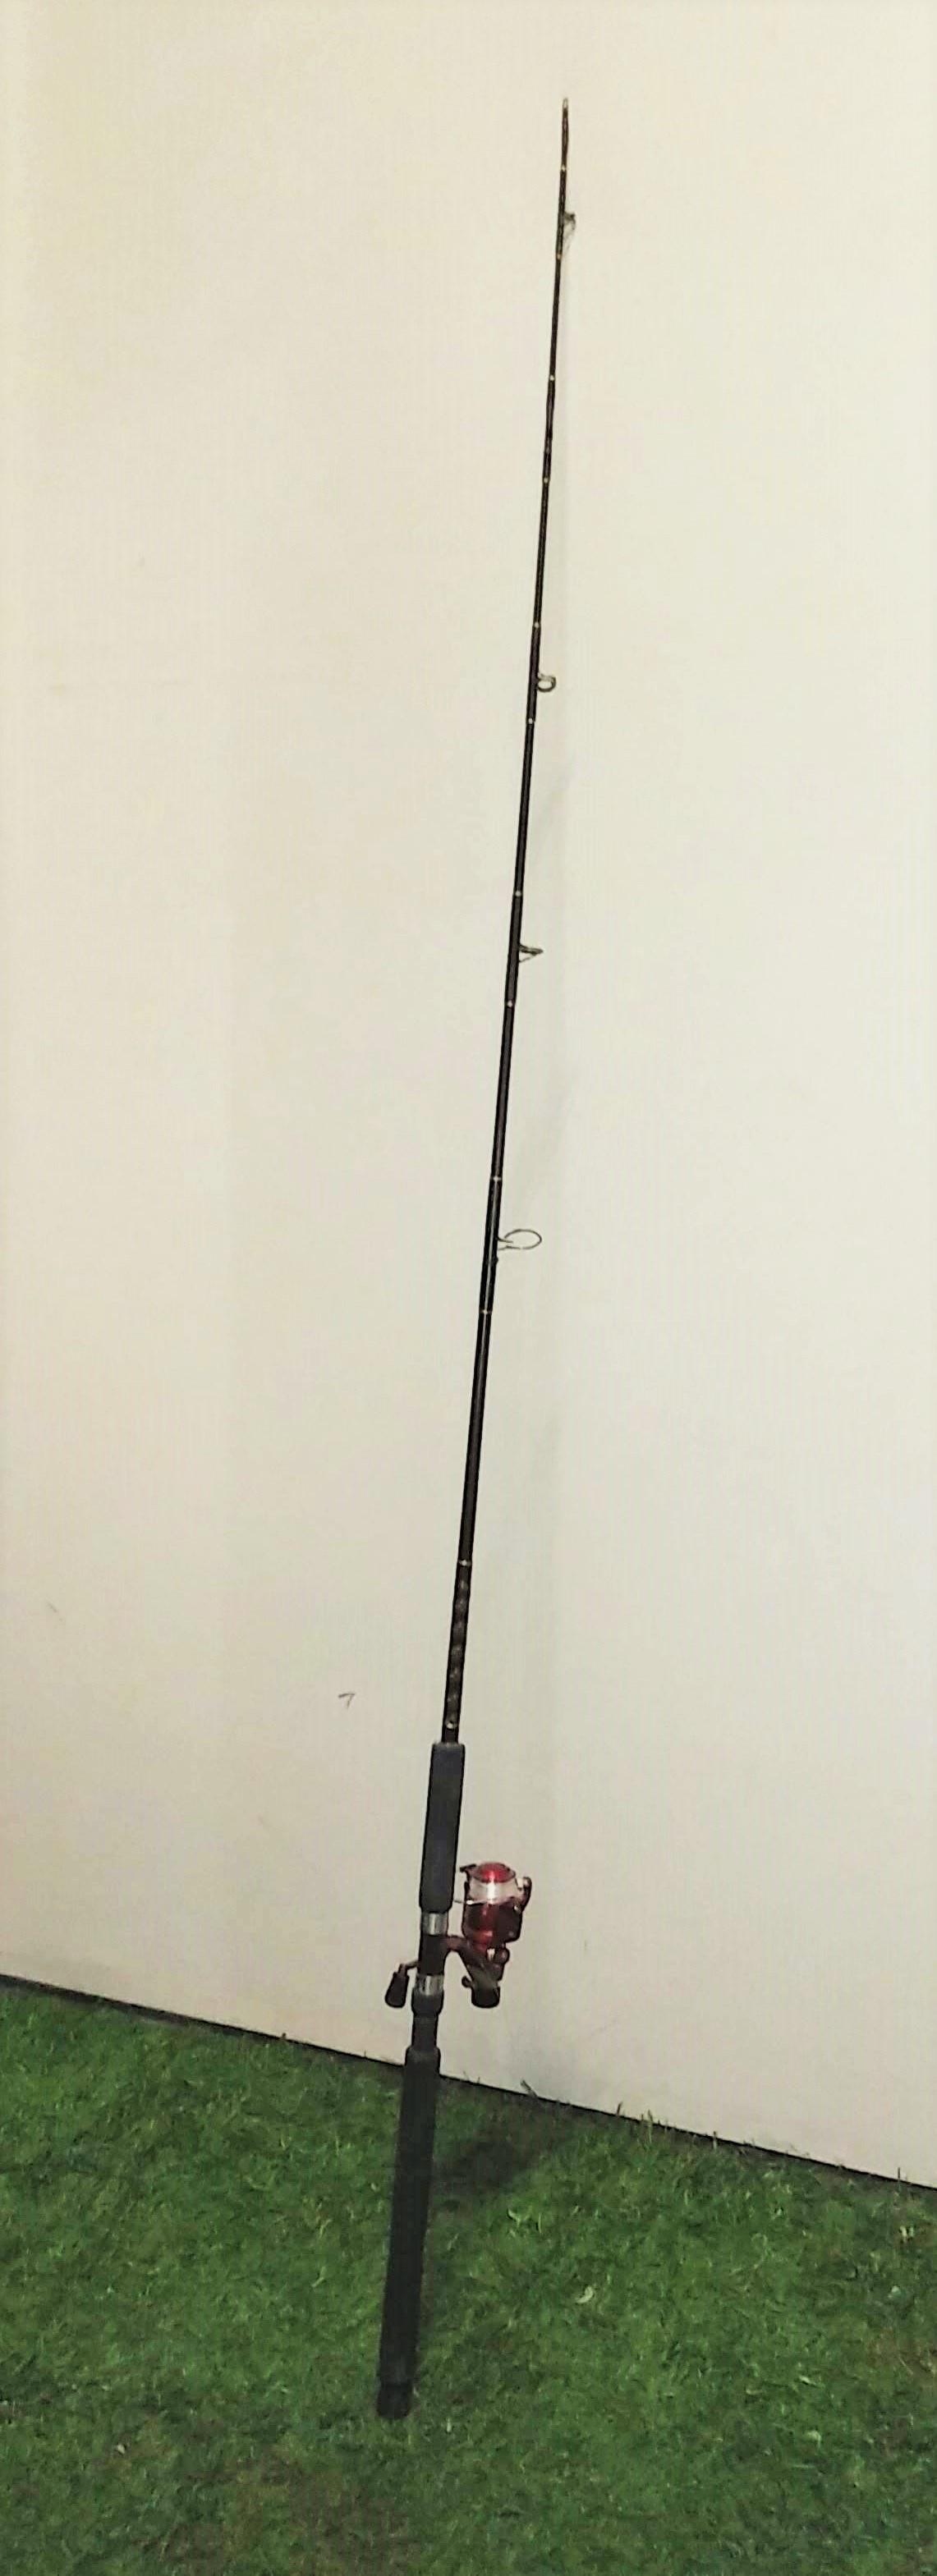 Fishing Pole - nice red